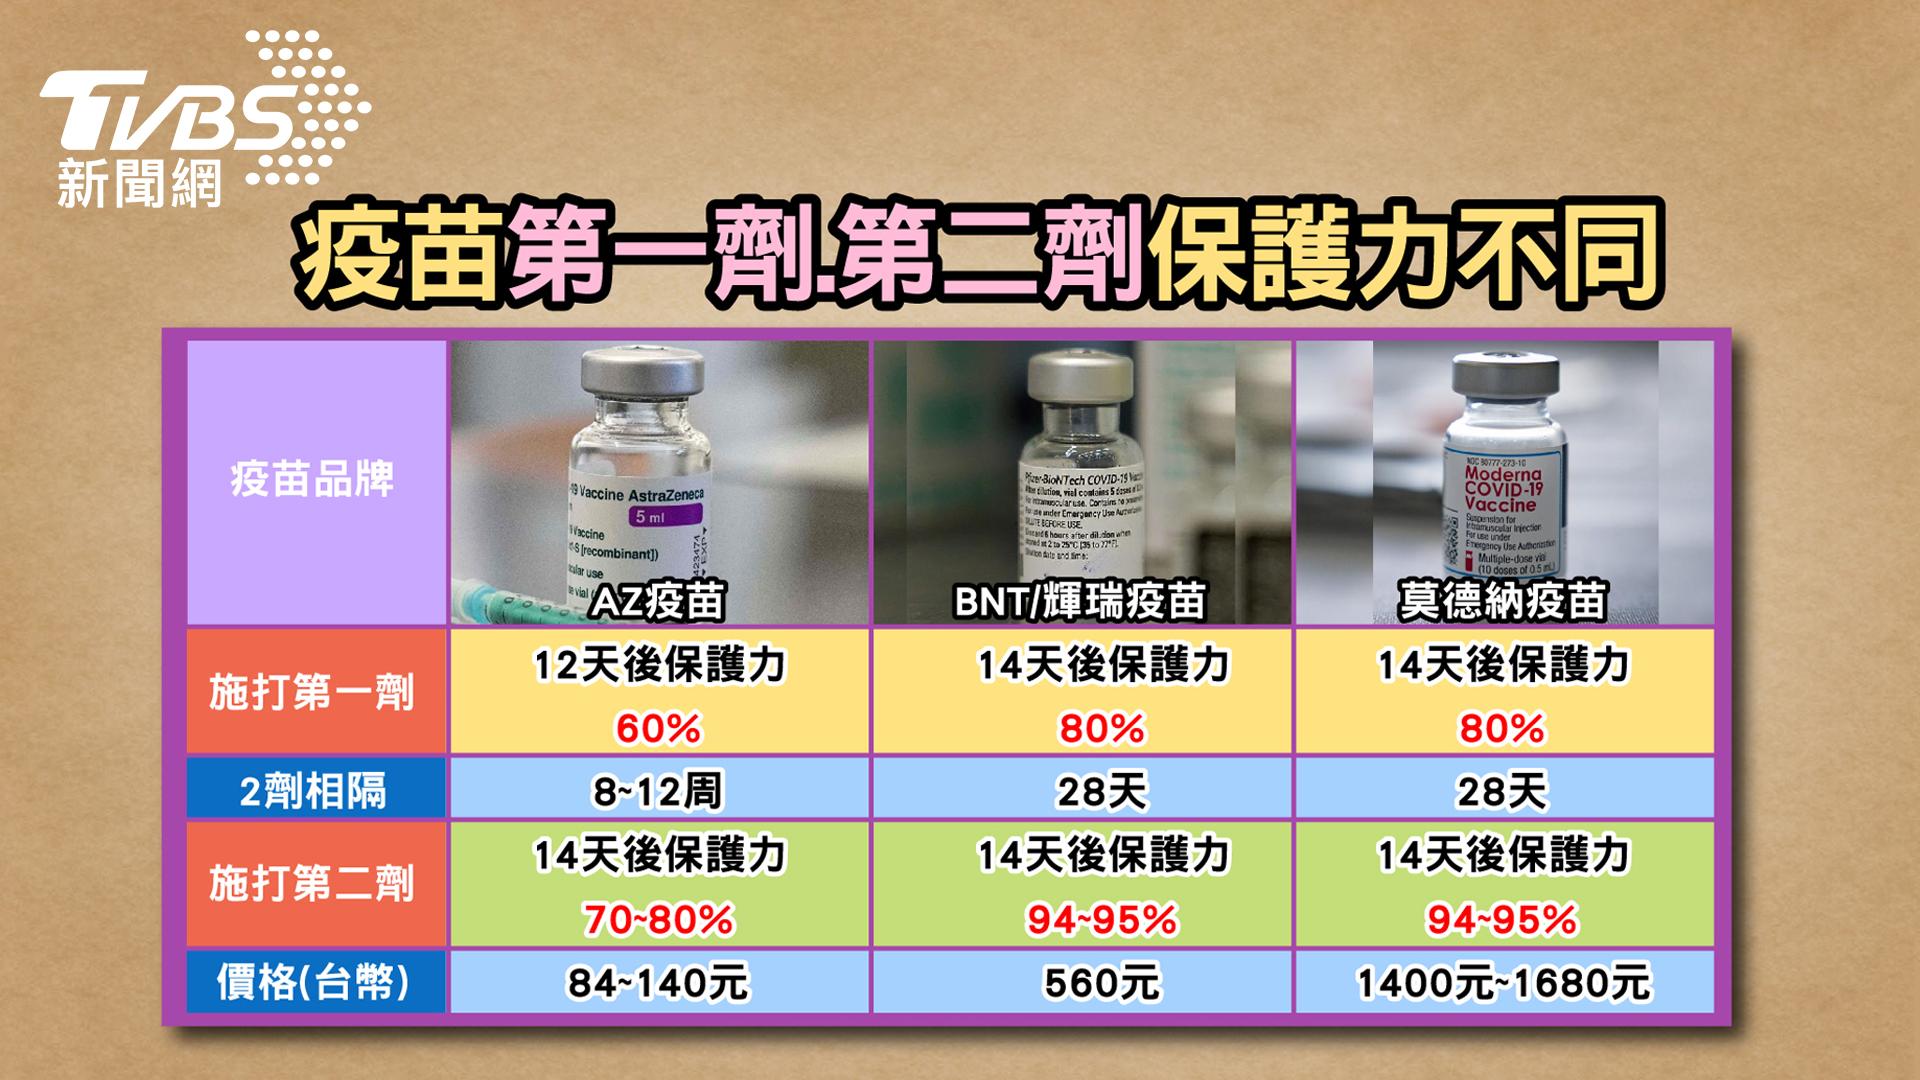 圖/TVBS提供 此波疫情嚴重 Ct值偏低是關鍵!江坤俊:美日研究這「兩味」 遠離新冠病毒